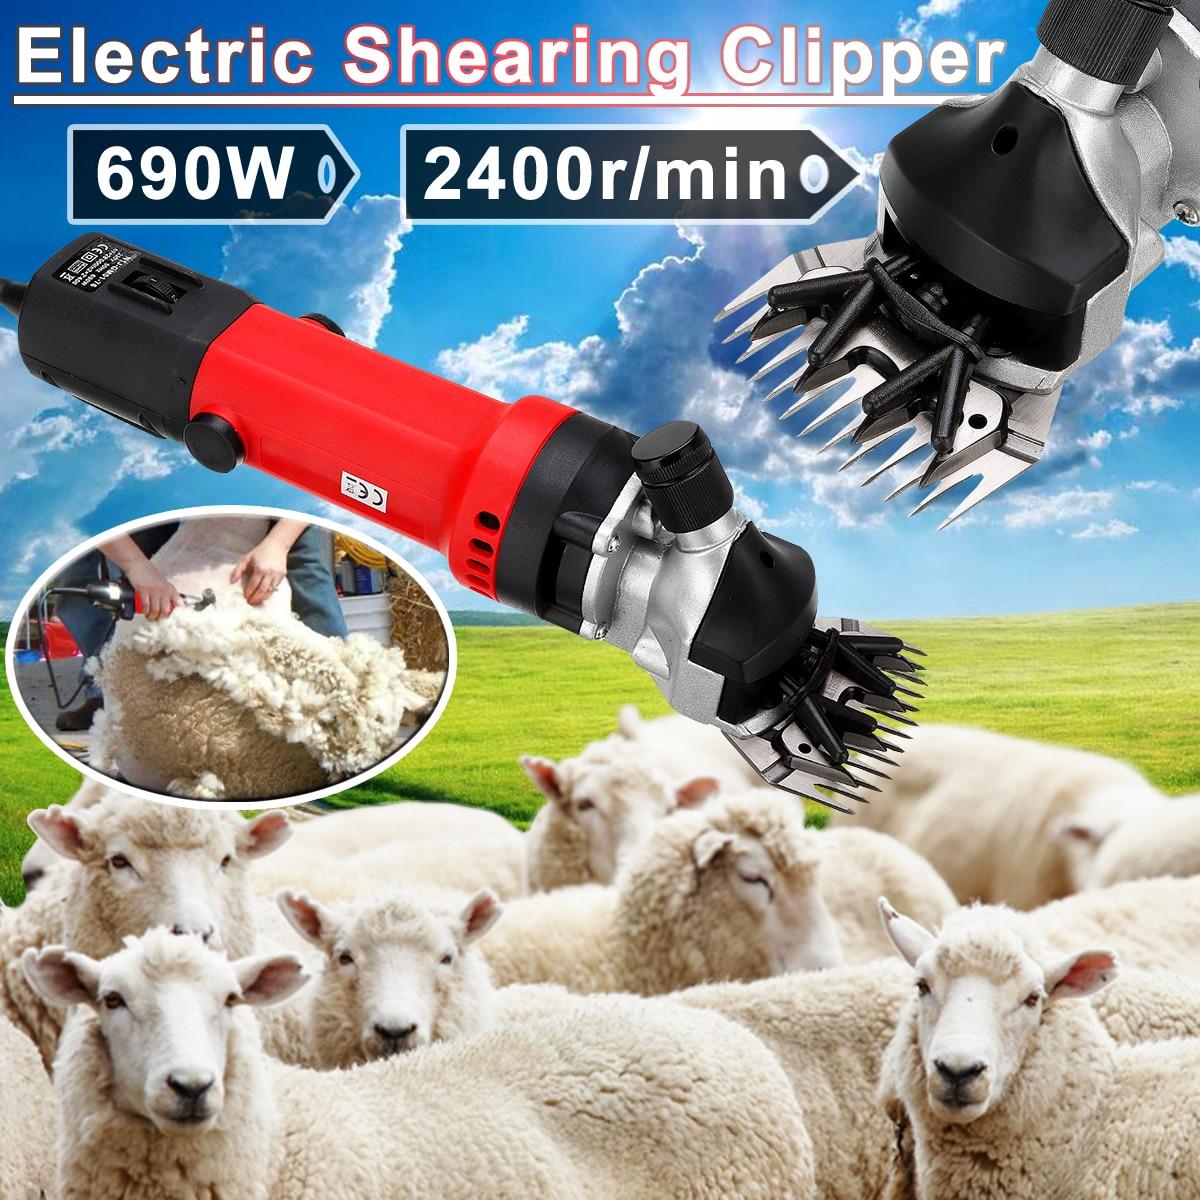 US/EU Plug 690W Electric Shearing Clipper Pet Sheep Shear Alpaca Goat Farm Wool Cut Trimmer 220V For Electric Sheep Shearing 220v electric shearing machine sheep goat clipper 690w 2800r min y